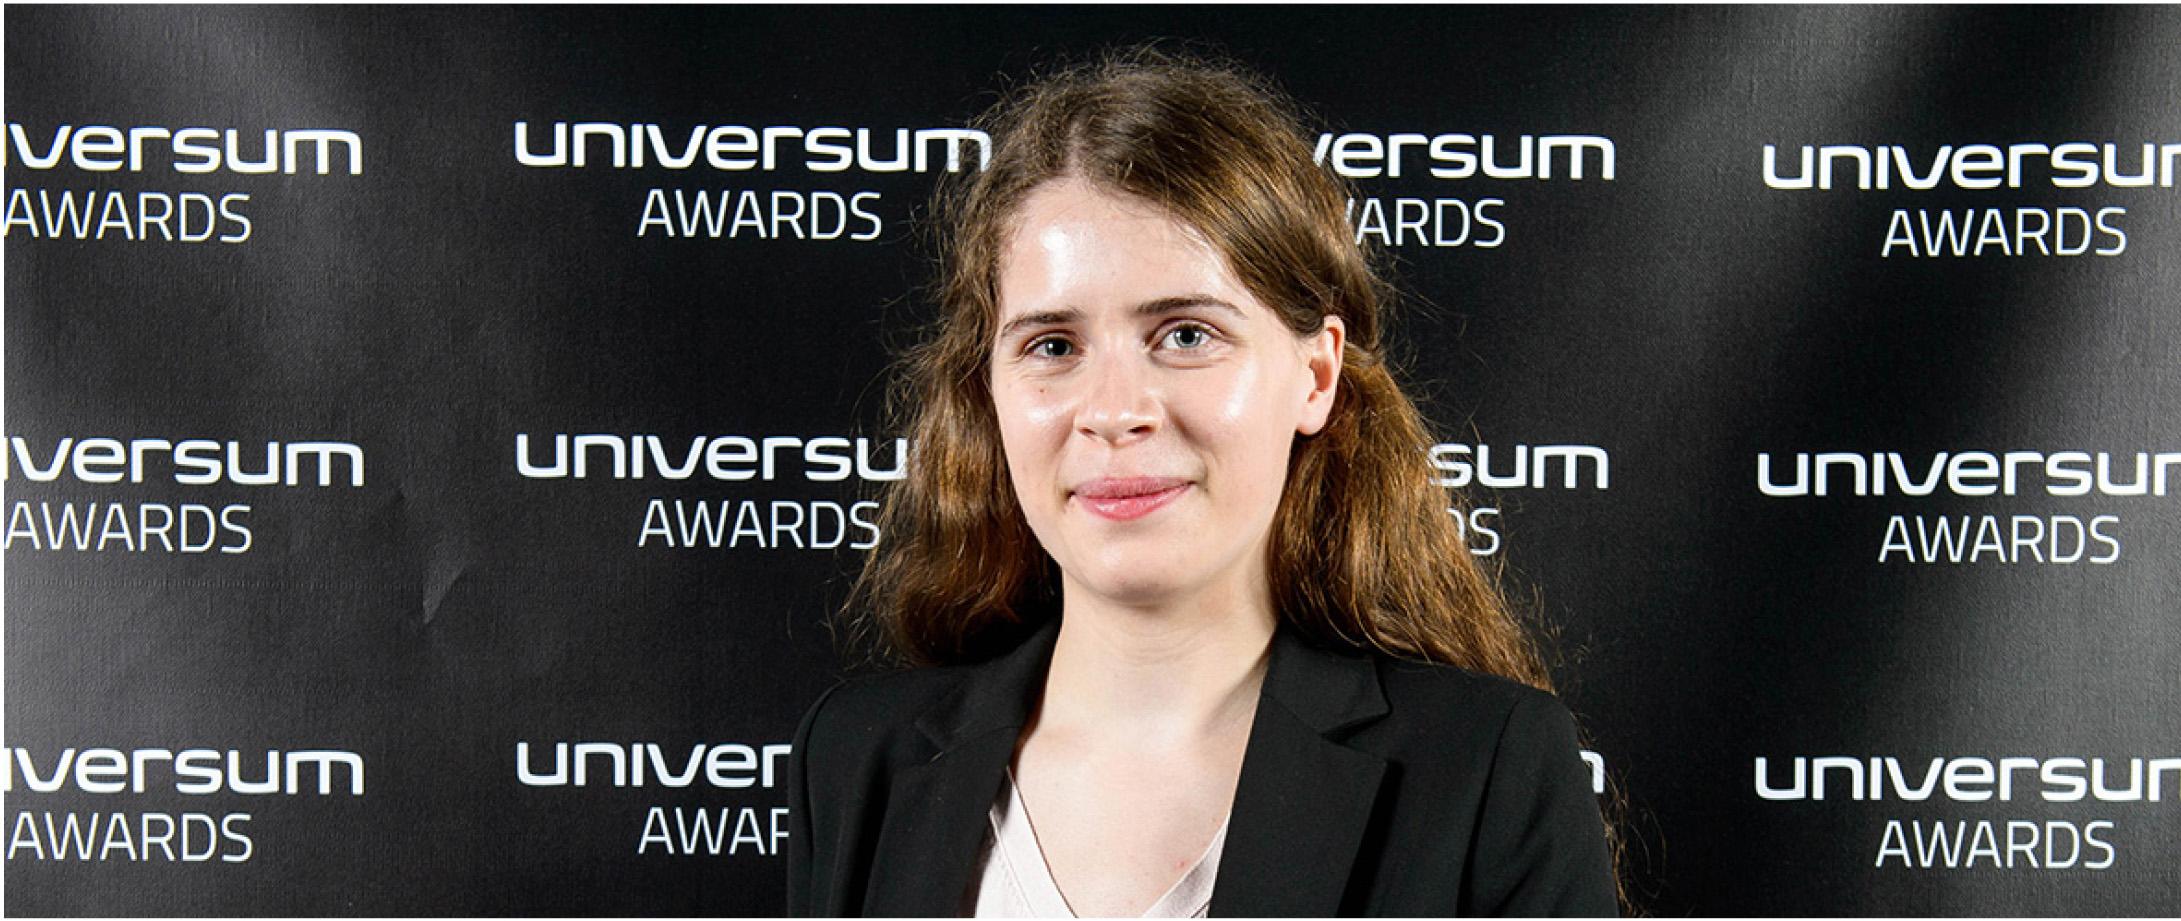 Laura Perron